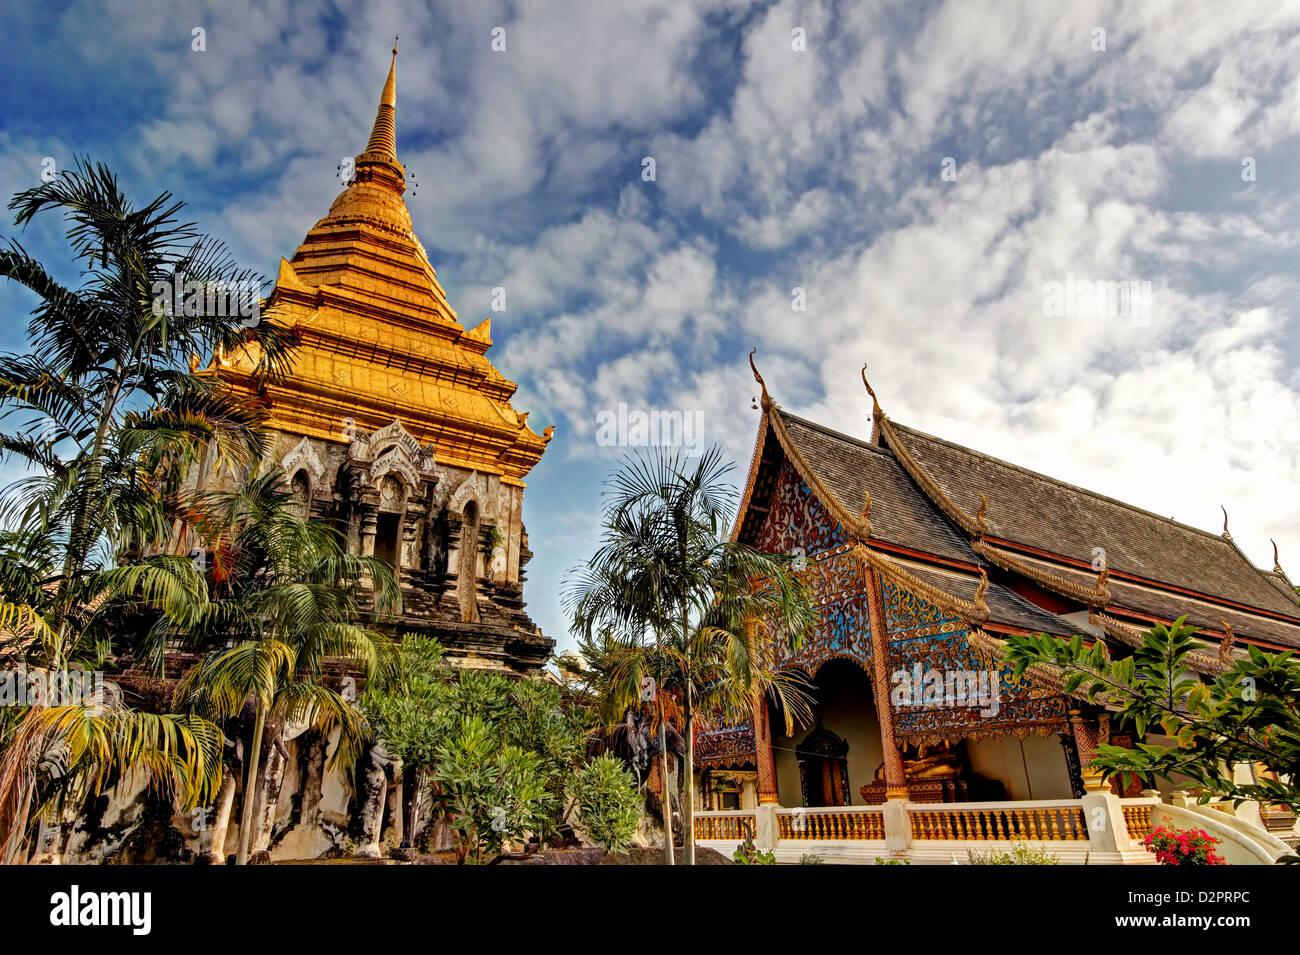 Chedi of Wat Chiang Man / Chiang Mai / Thailand - Stock Image